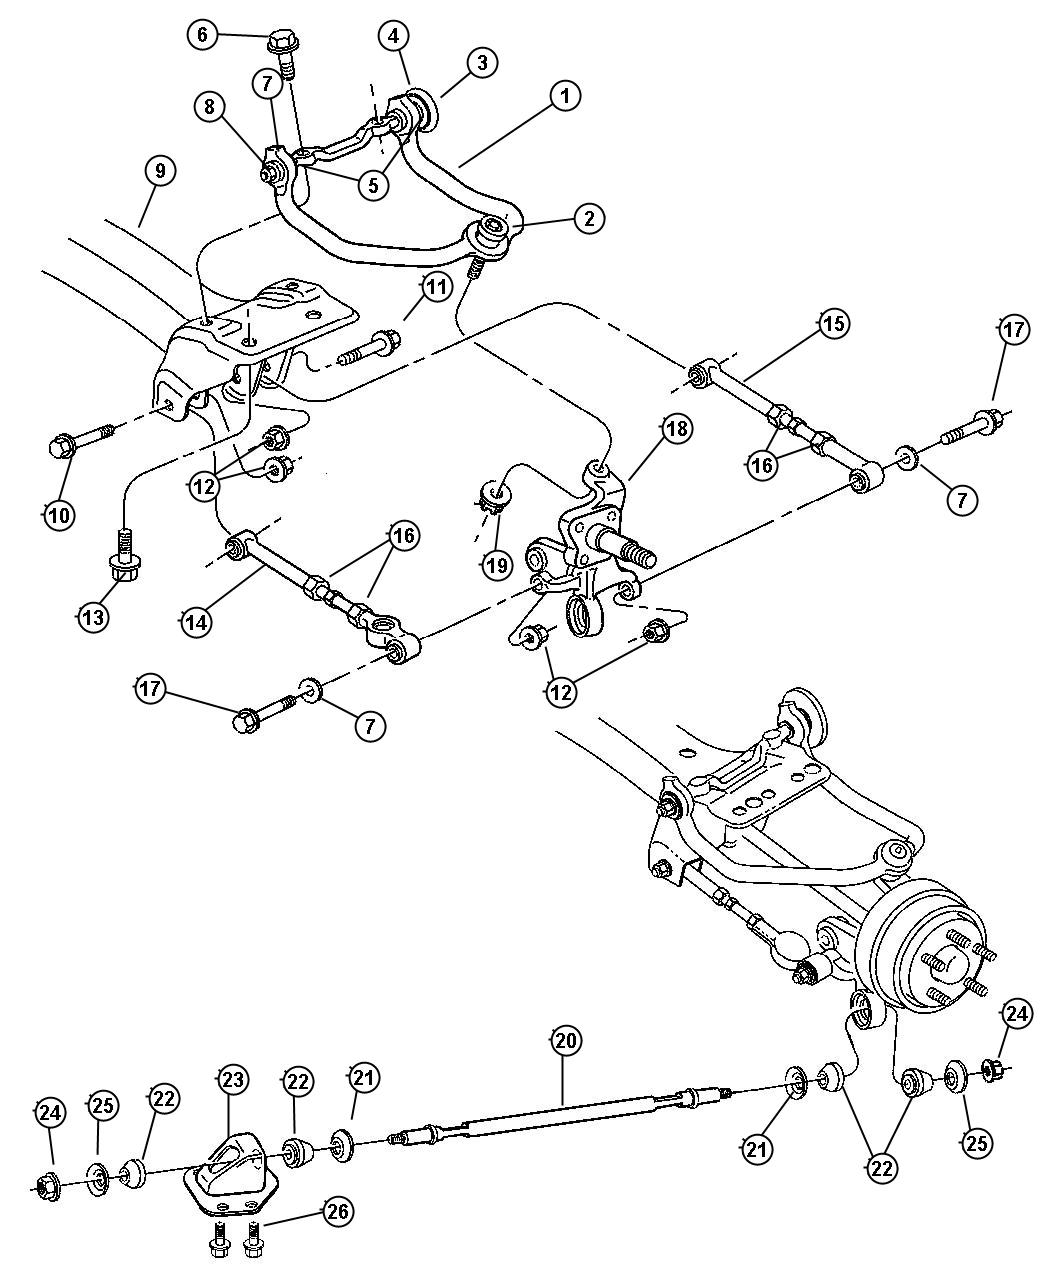 04 dodge stratus suspension diagram